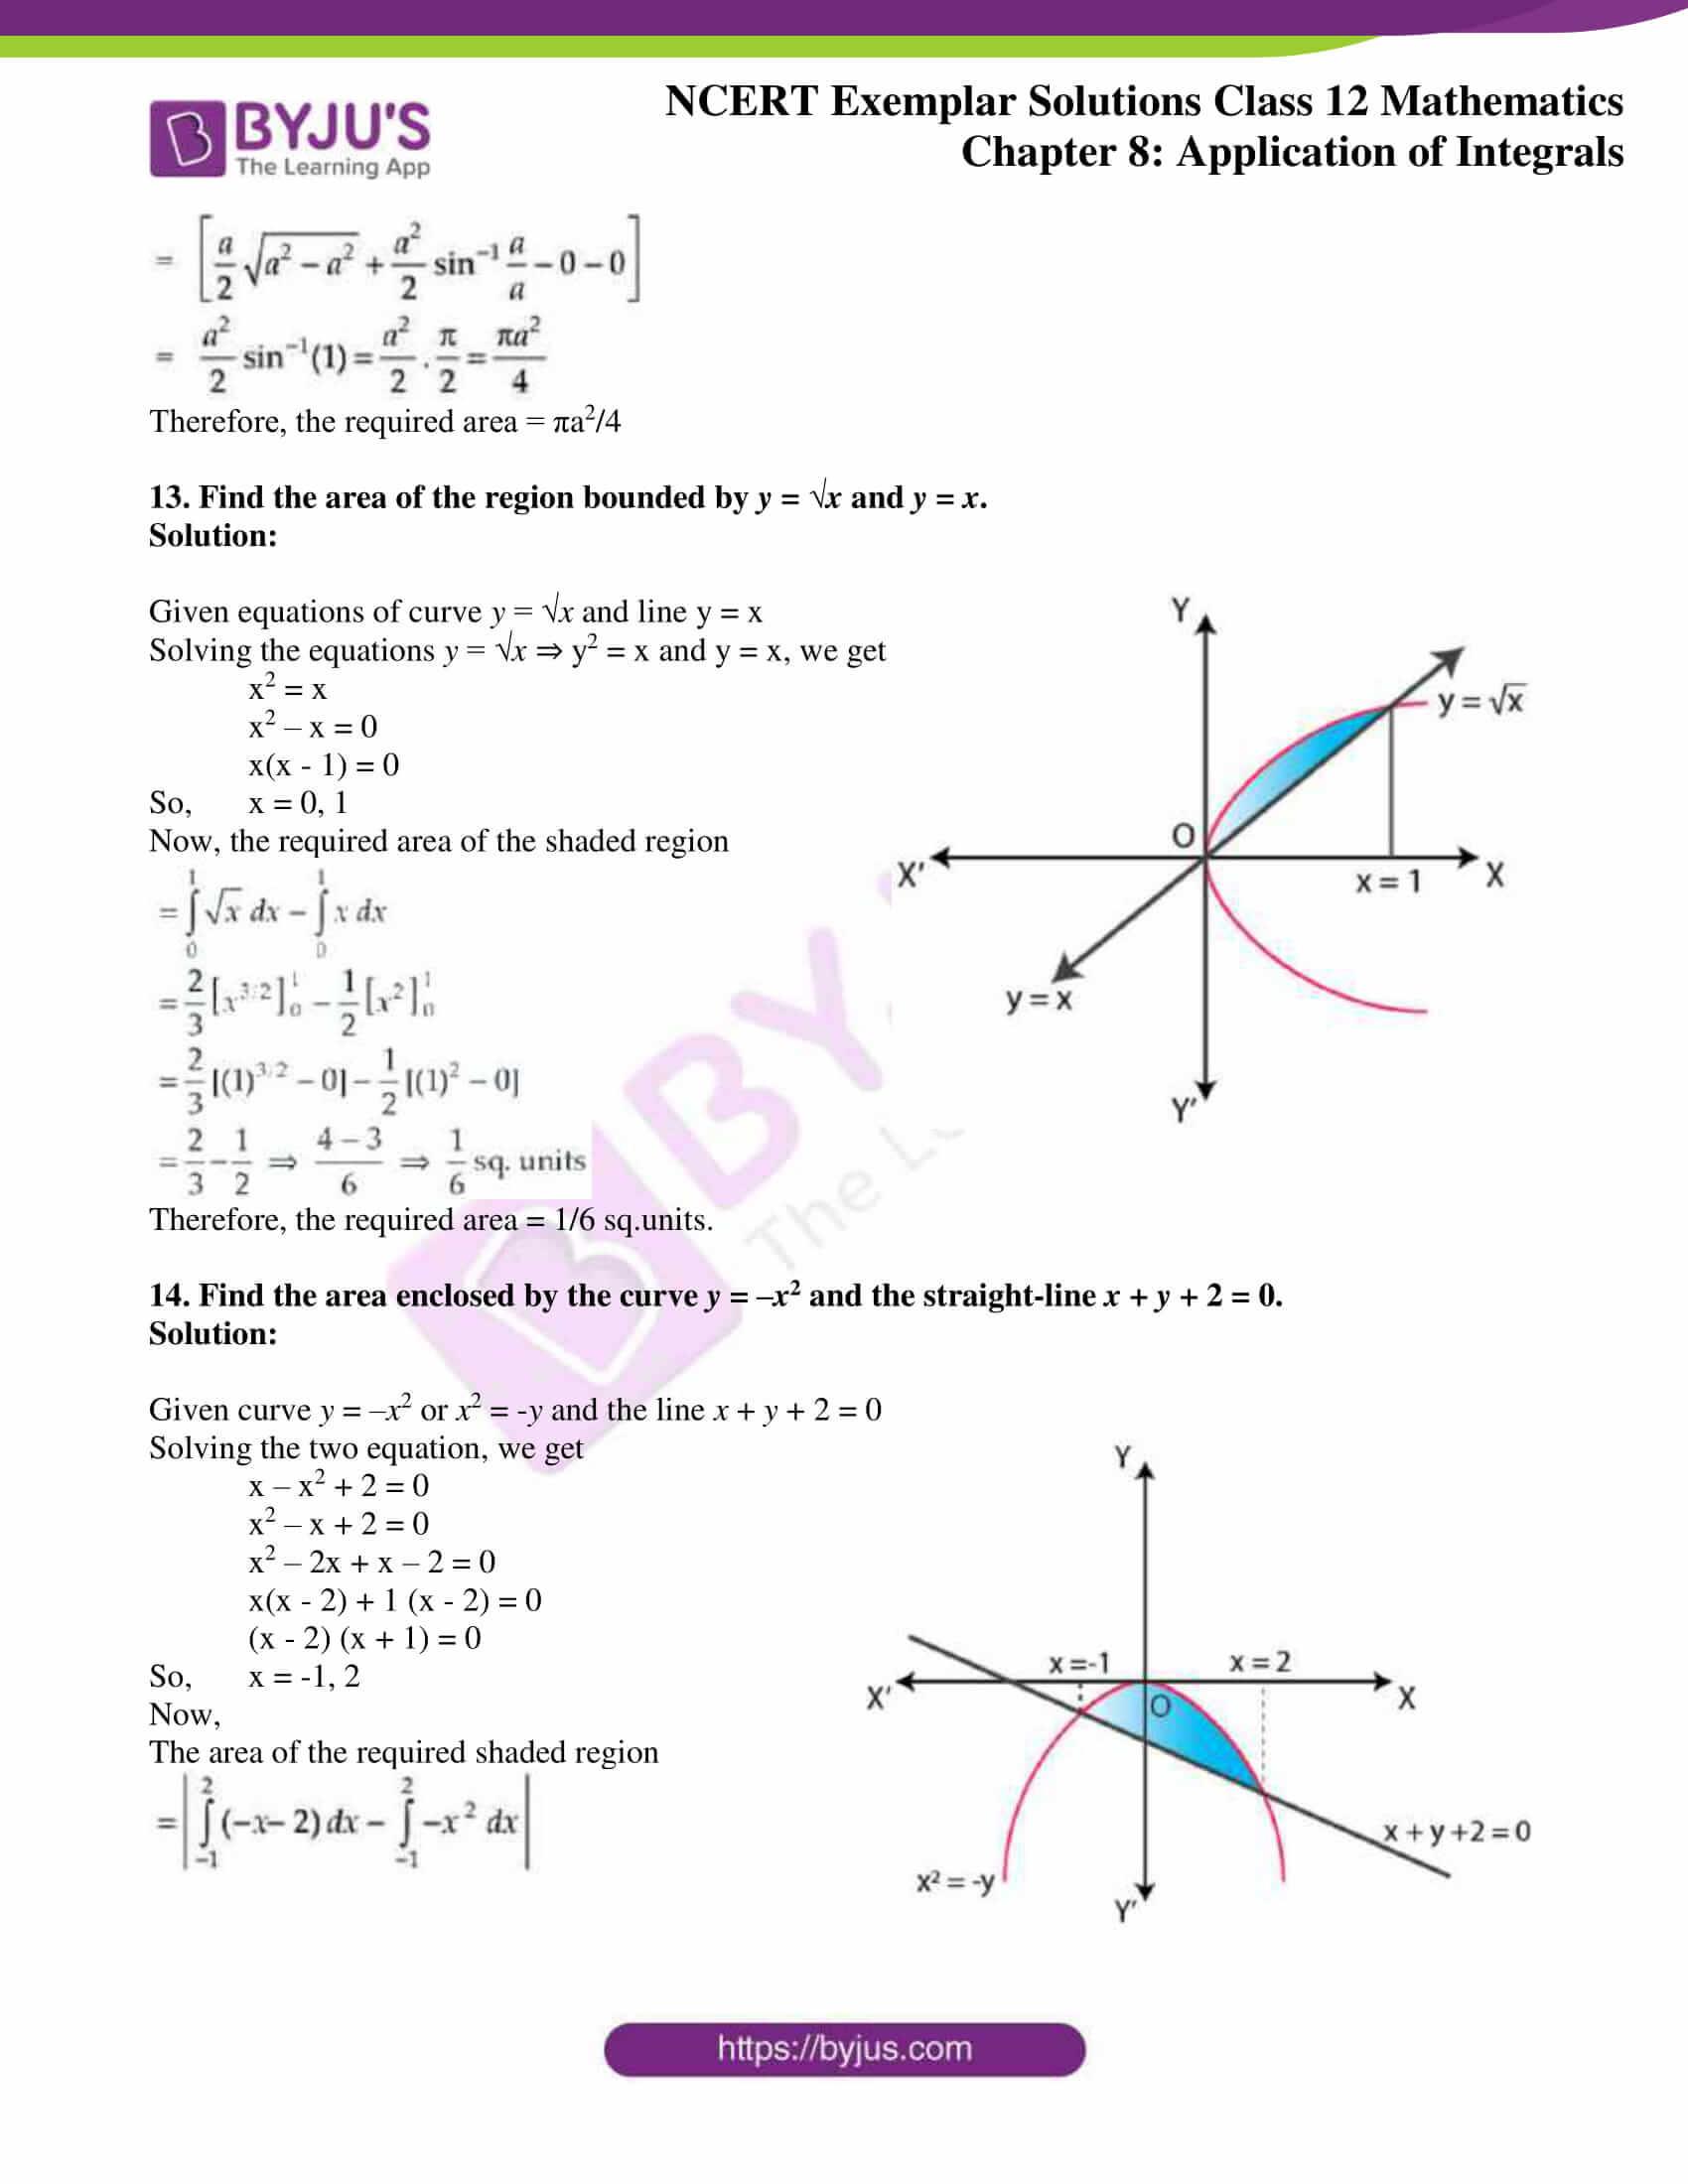 ncert exemplar sol class 12 mathematics ch 8 7